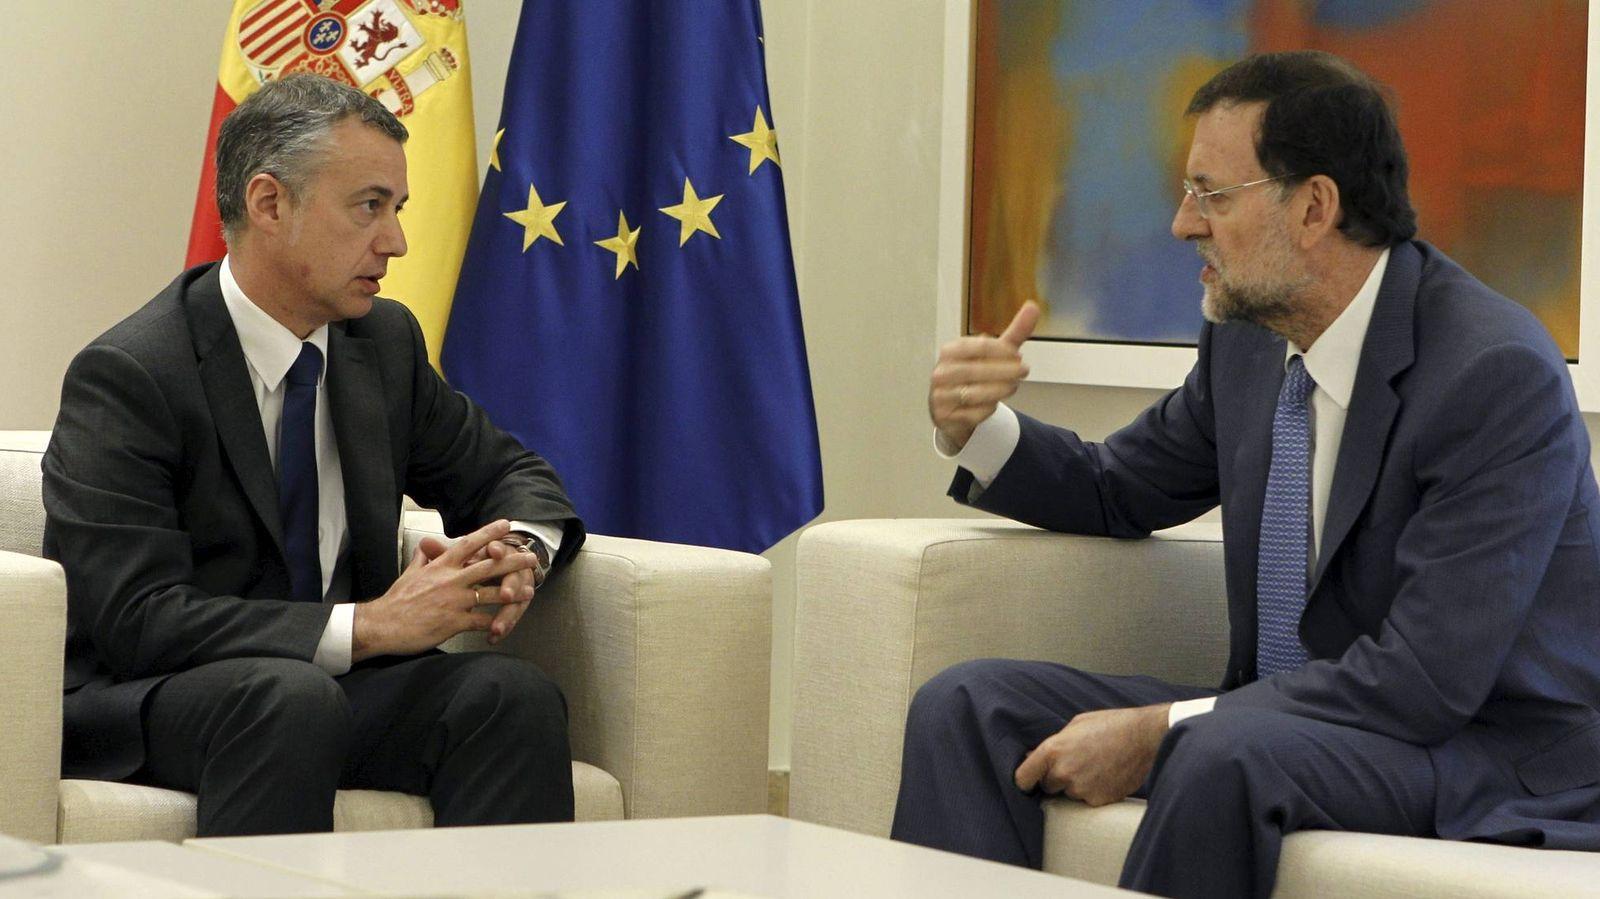 Foto: Íñogo Urkullu y Mariano Rajoy, durante la reunión mantenida por ambos en La Moncloa en 2012. (EFE)